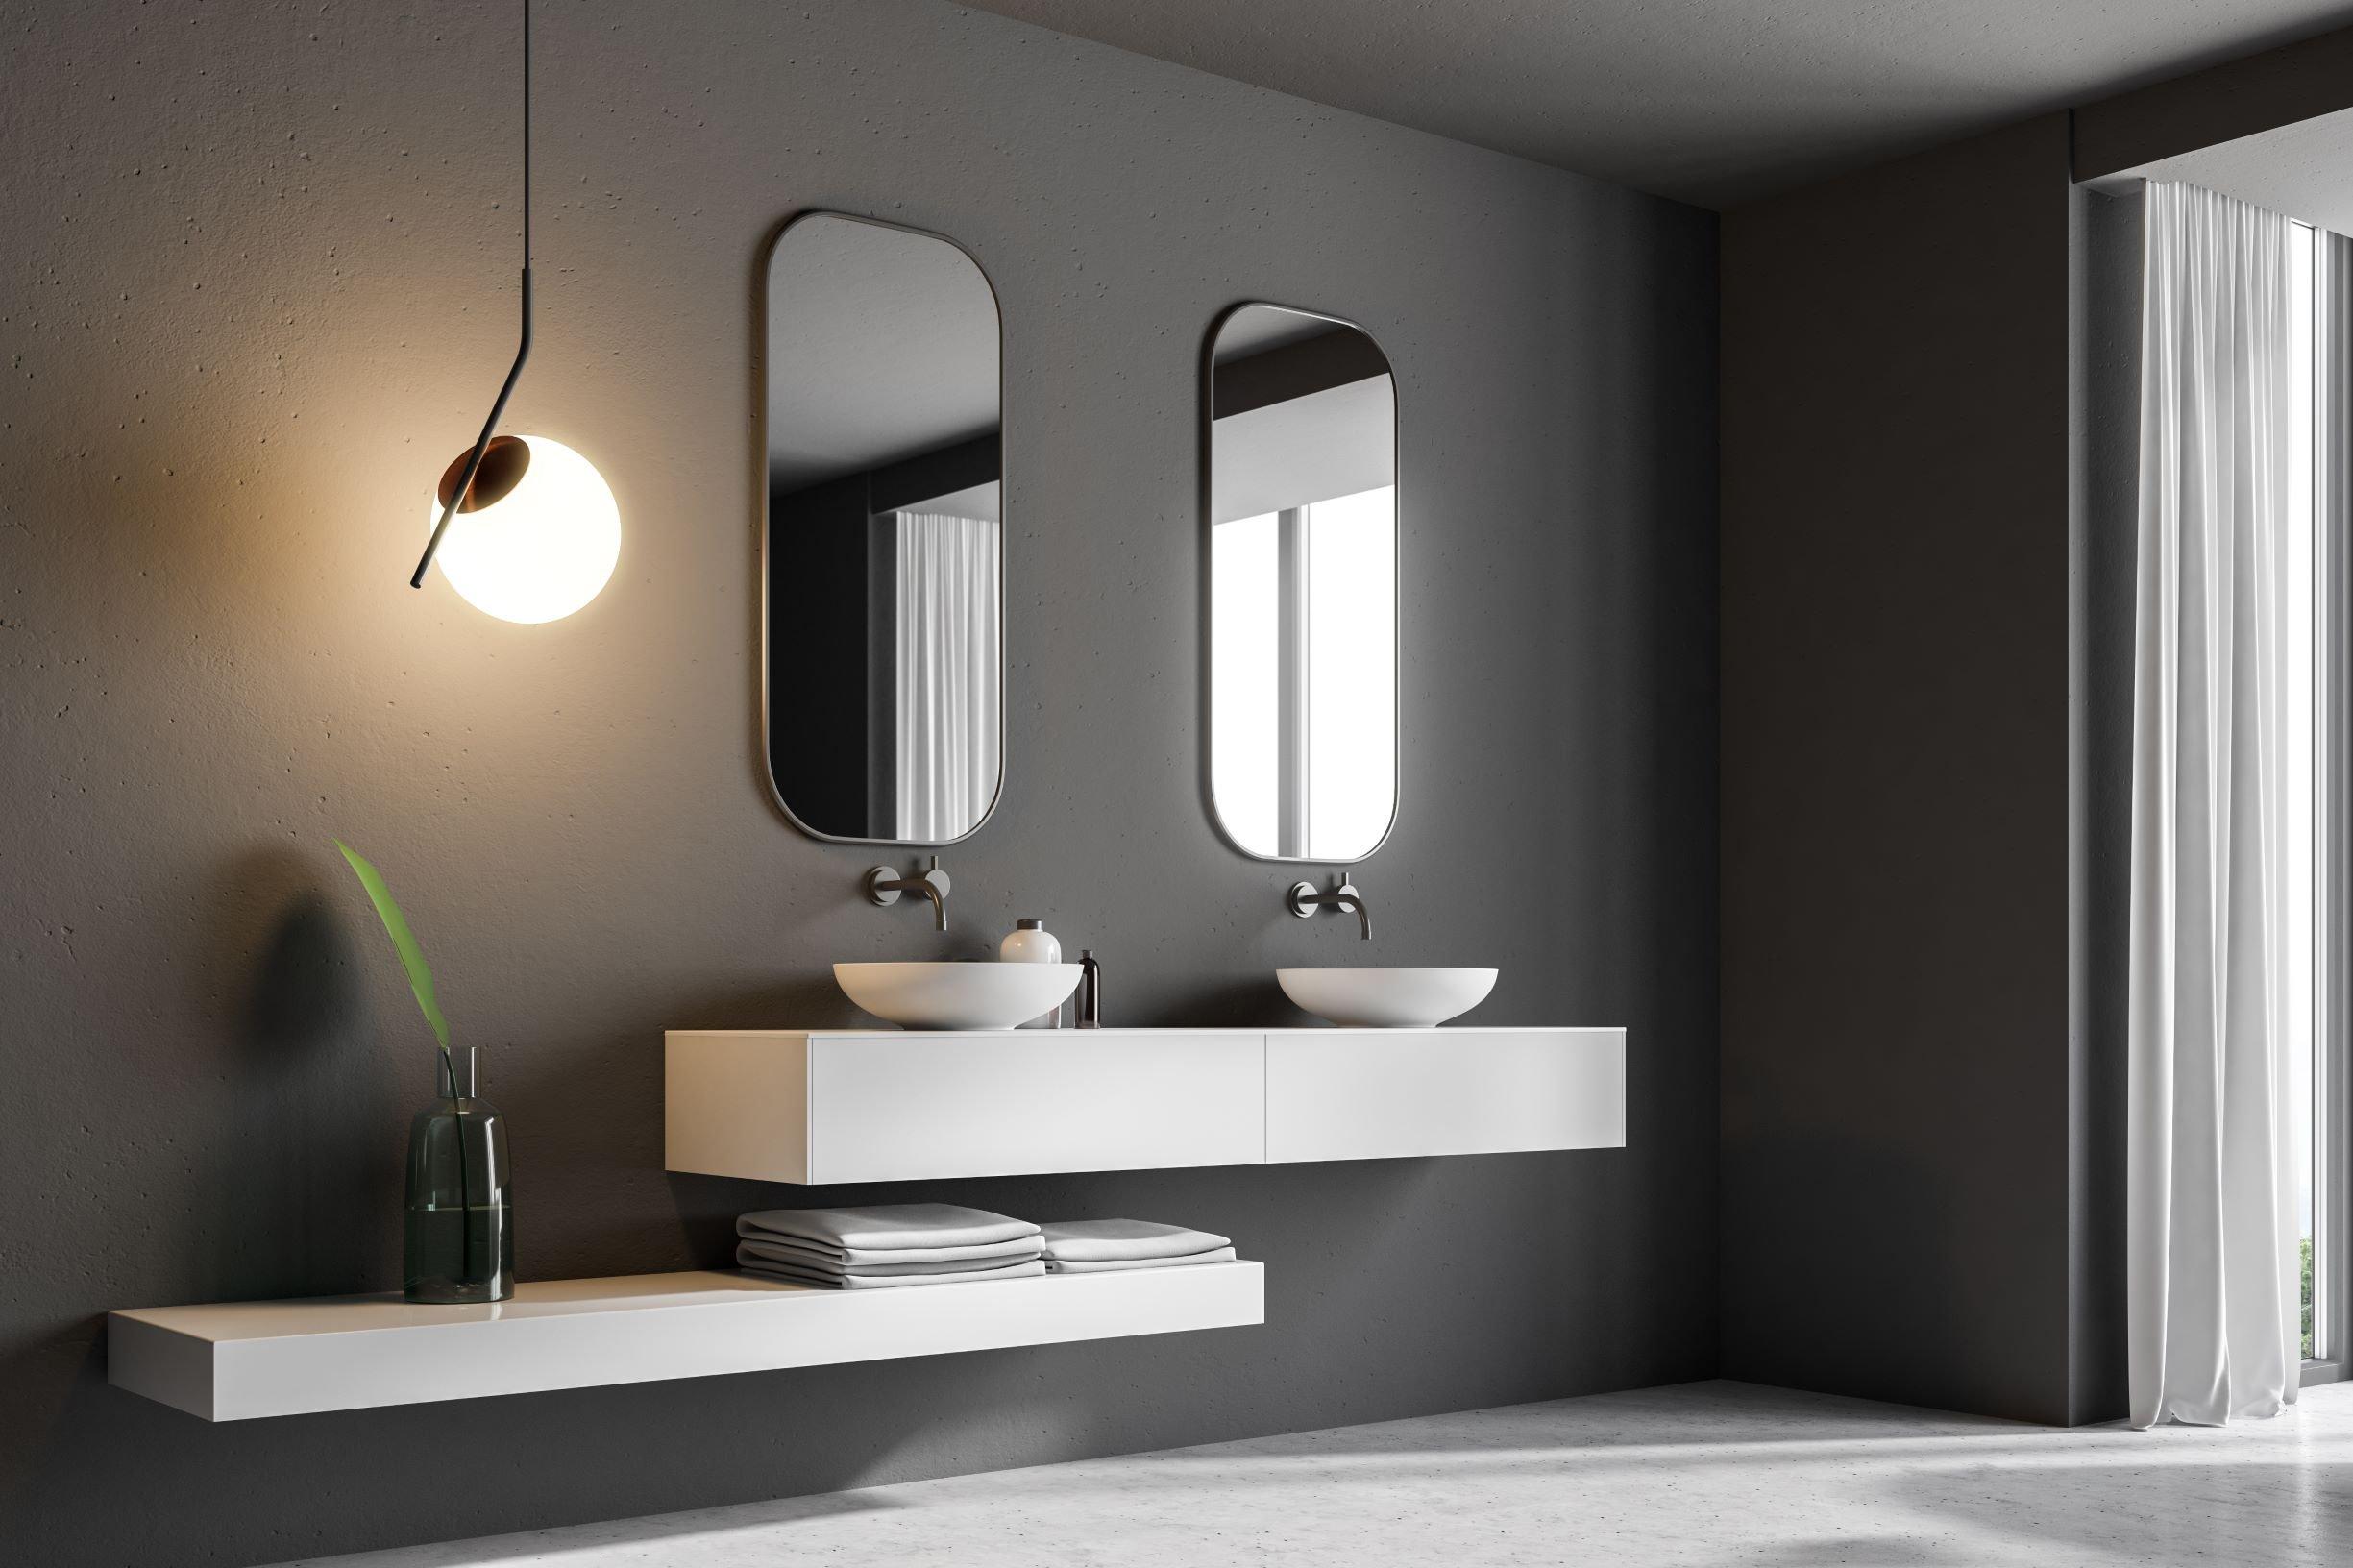 Bagno con lavabo singolo e doppio, soluzioni per non litigare